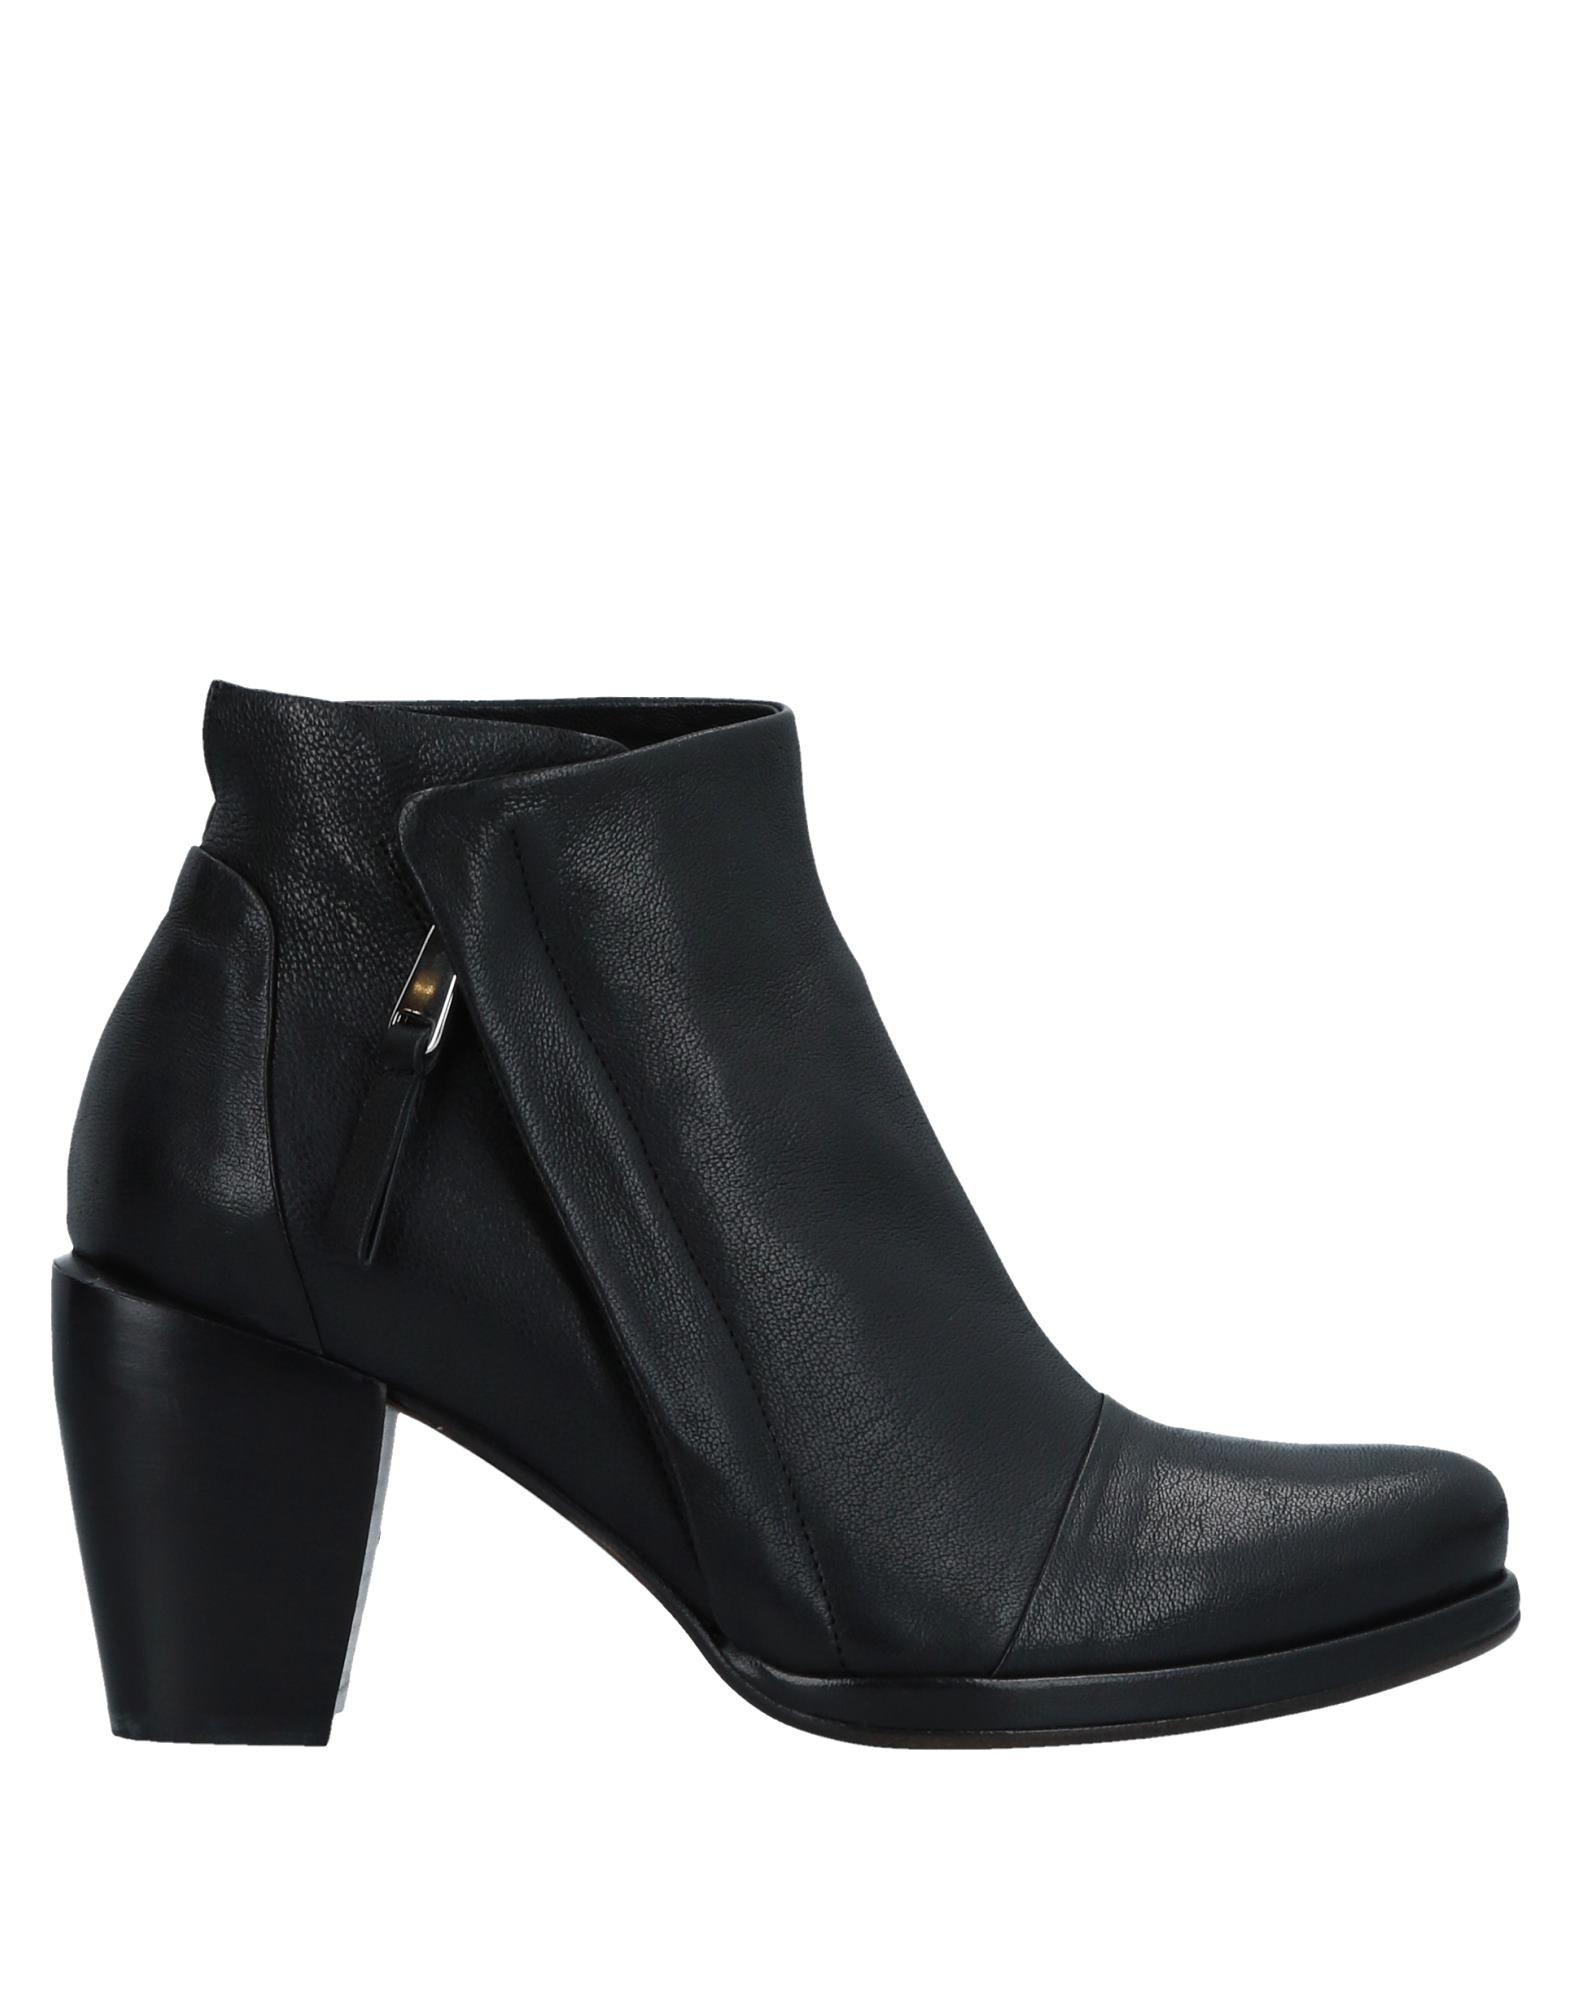 Ixos Stiefelette Damen  11521852QJGut aussehende strapazierfähige Schuhe